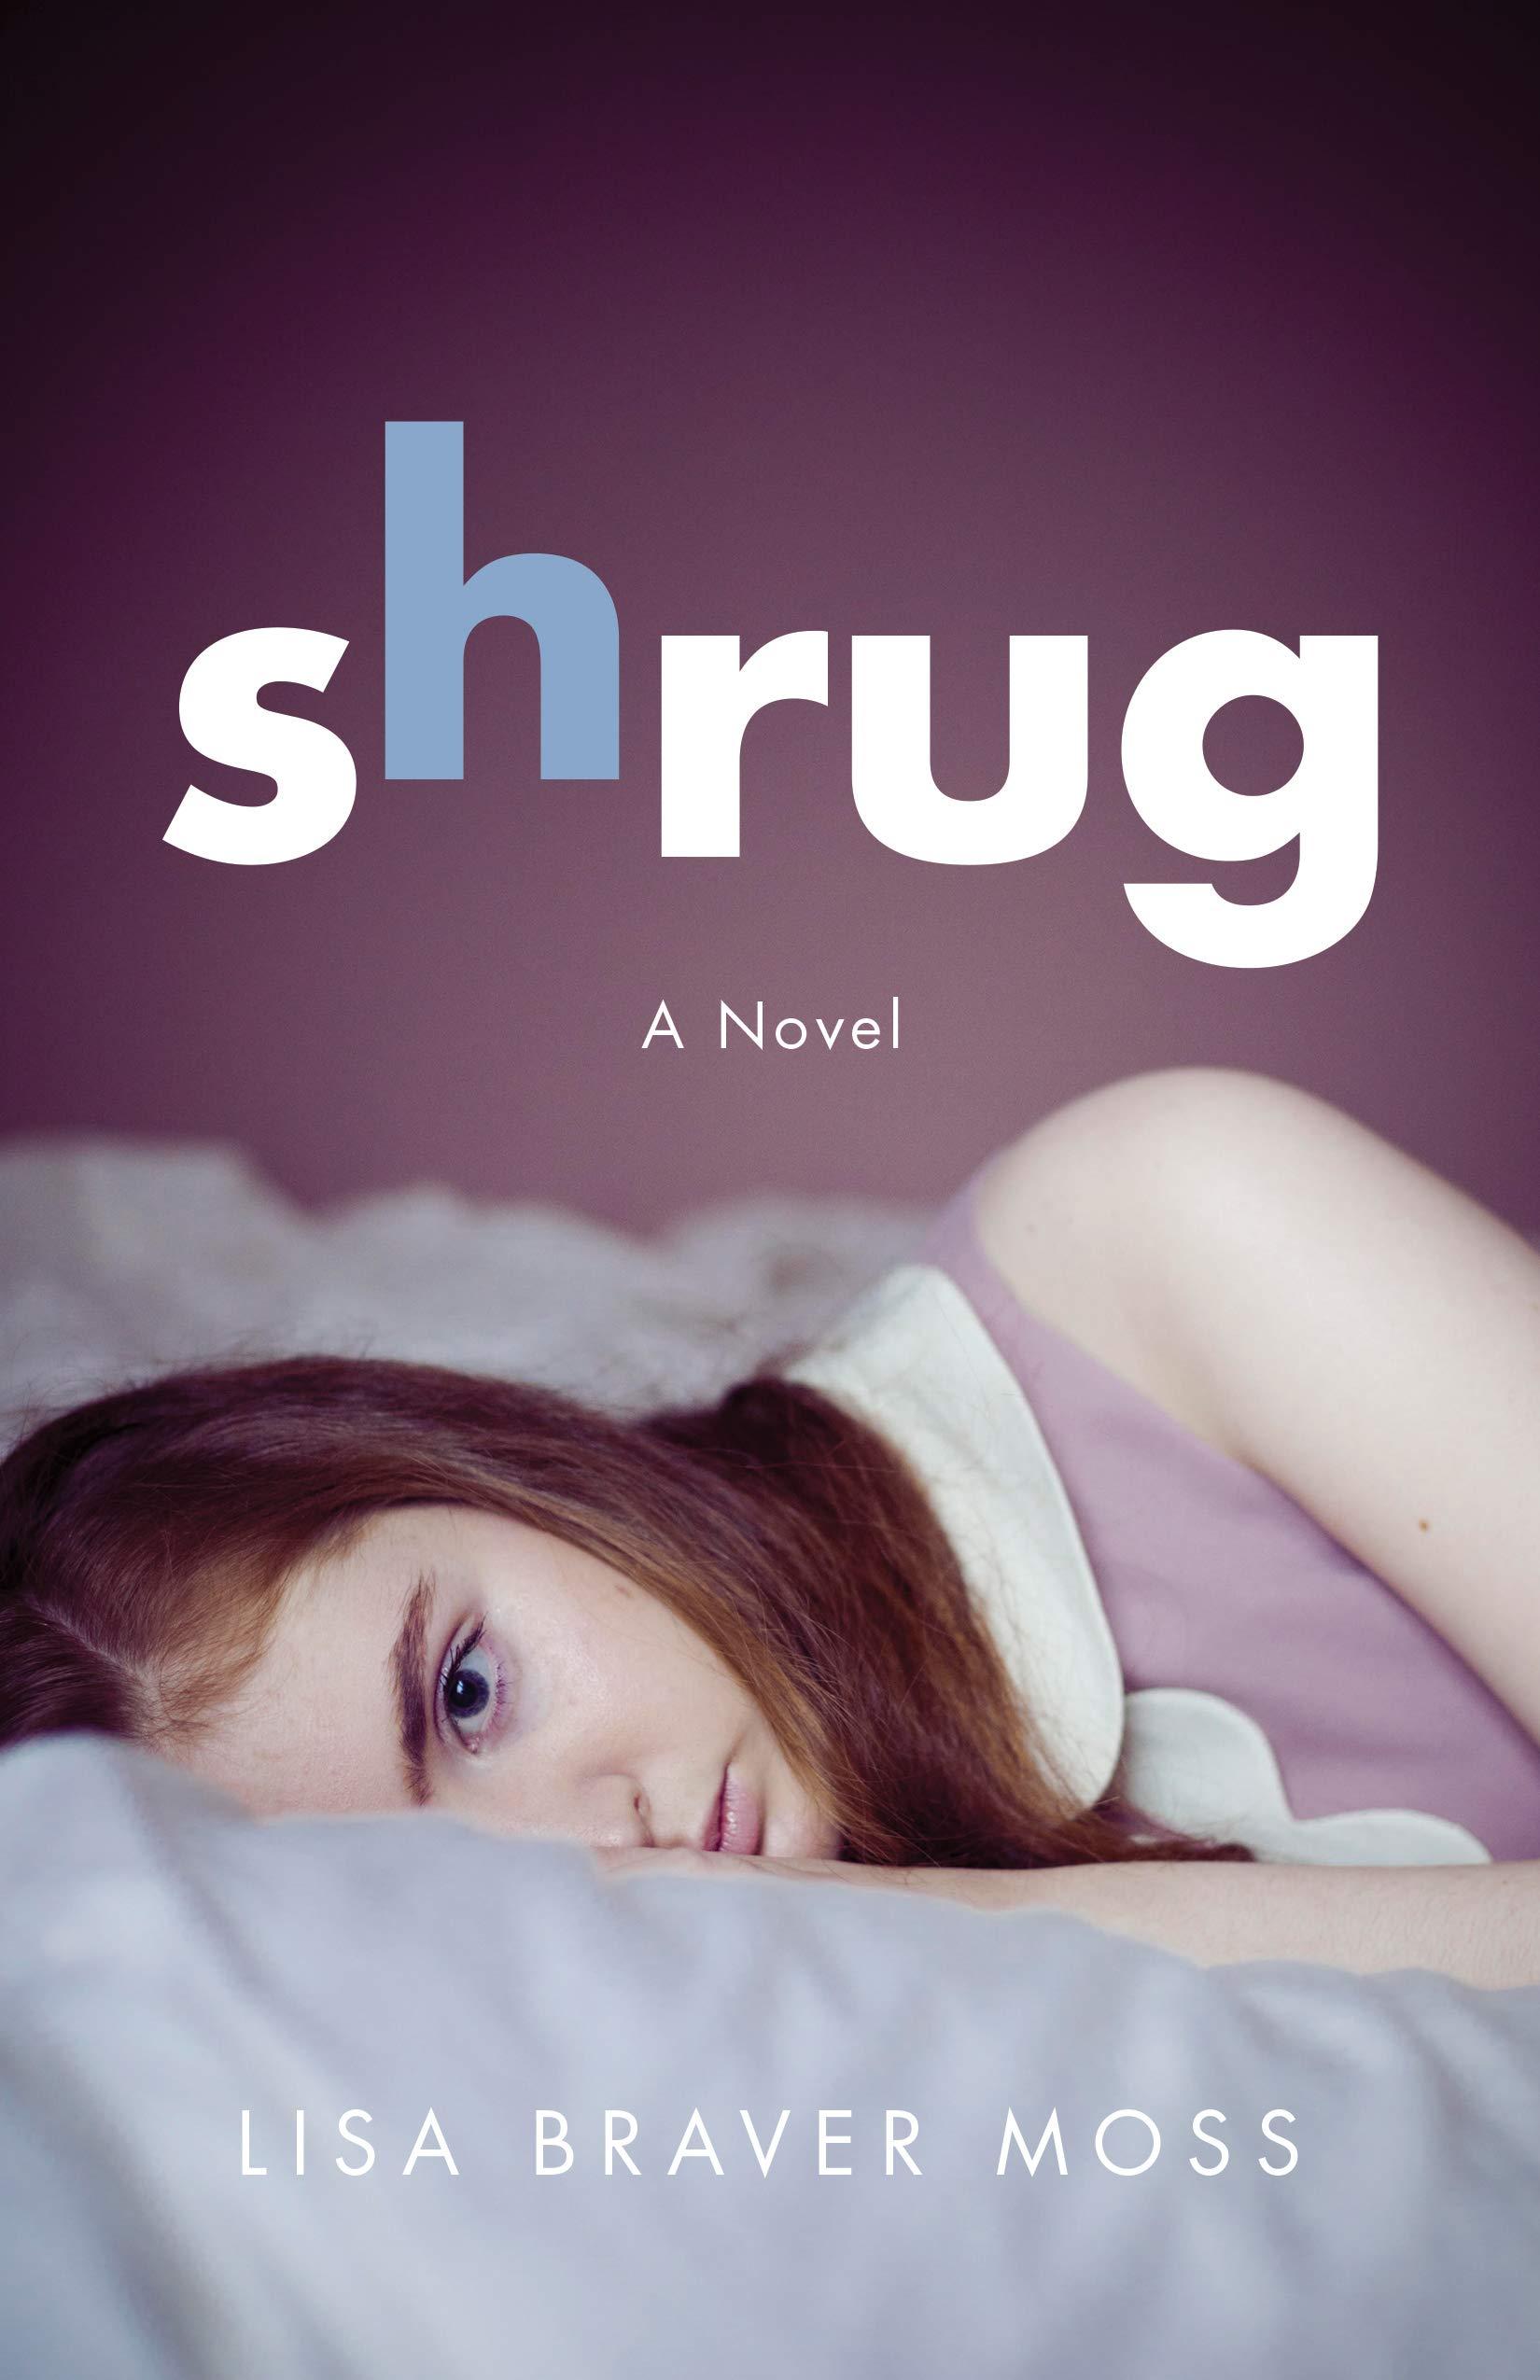 Amazon.com: Shrug: A Novel (9781631526381): Moss, Lisa Braver: Books